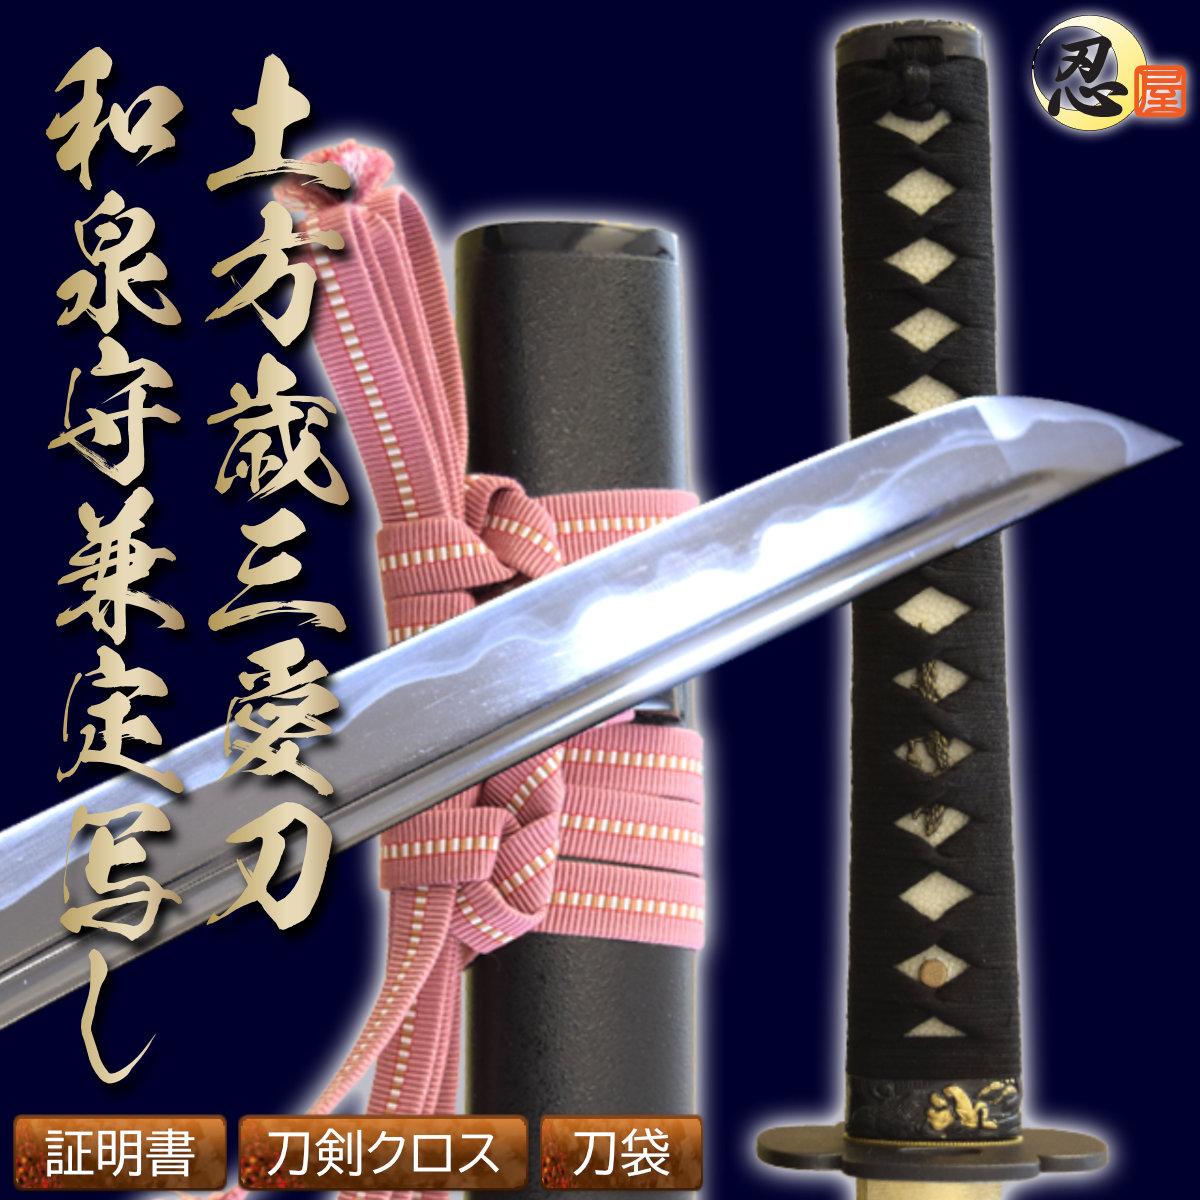 居合刀 土方歳三の愛刀 和泉守兼定写し(刀袋付き)